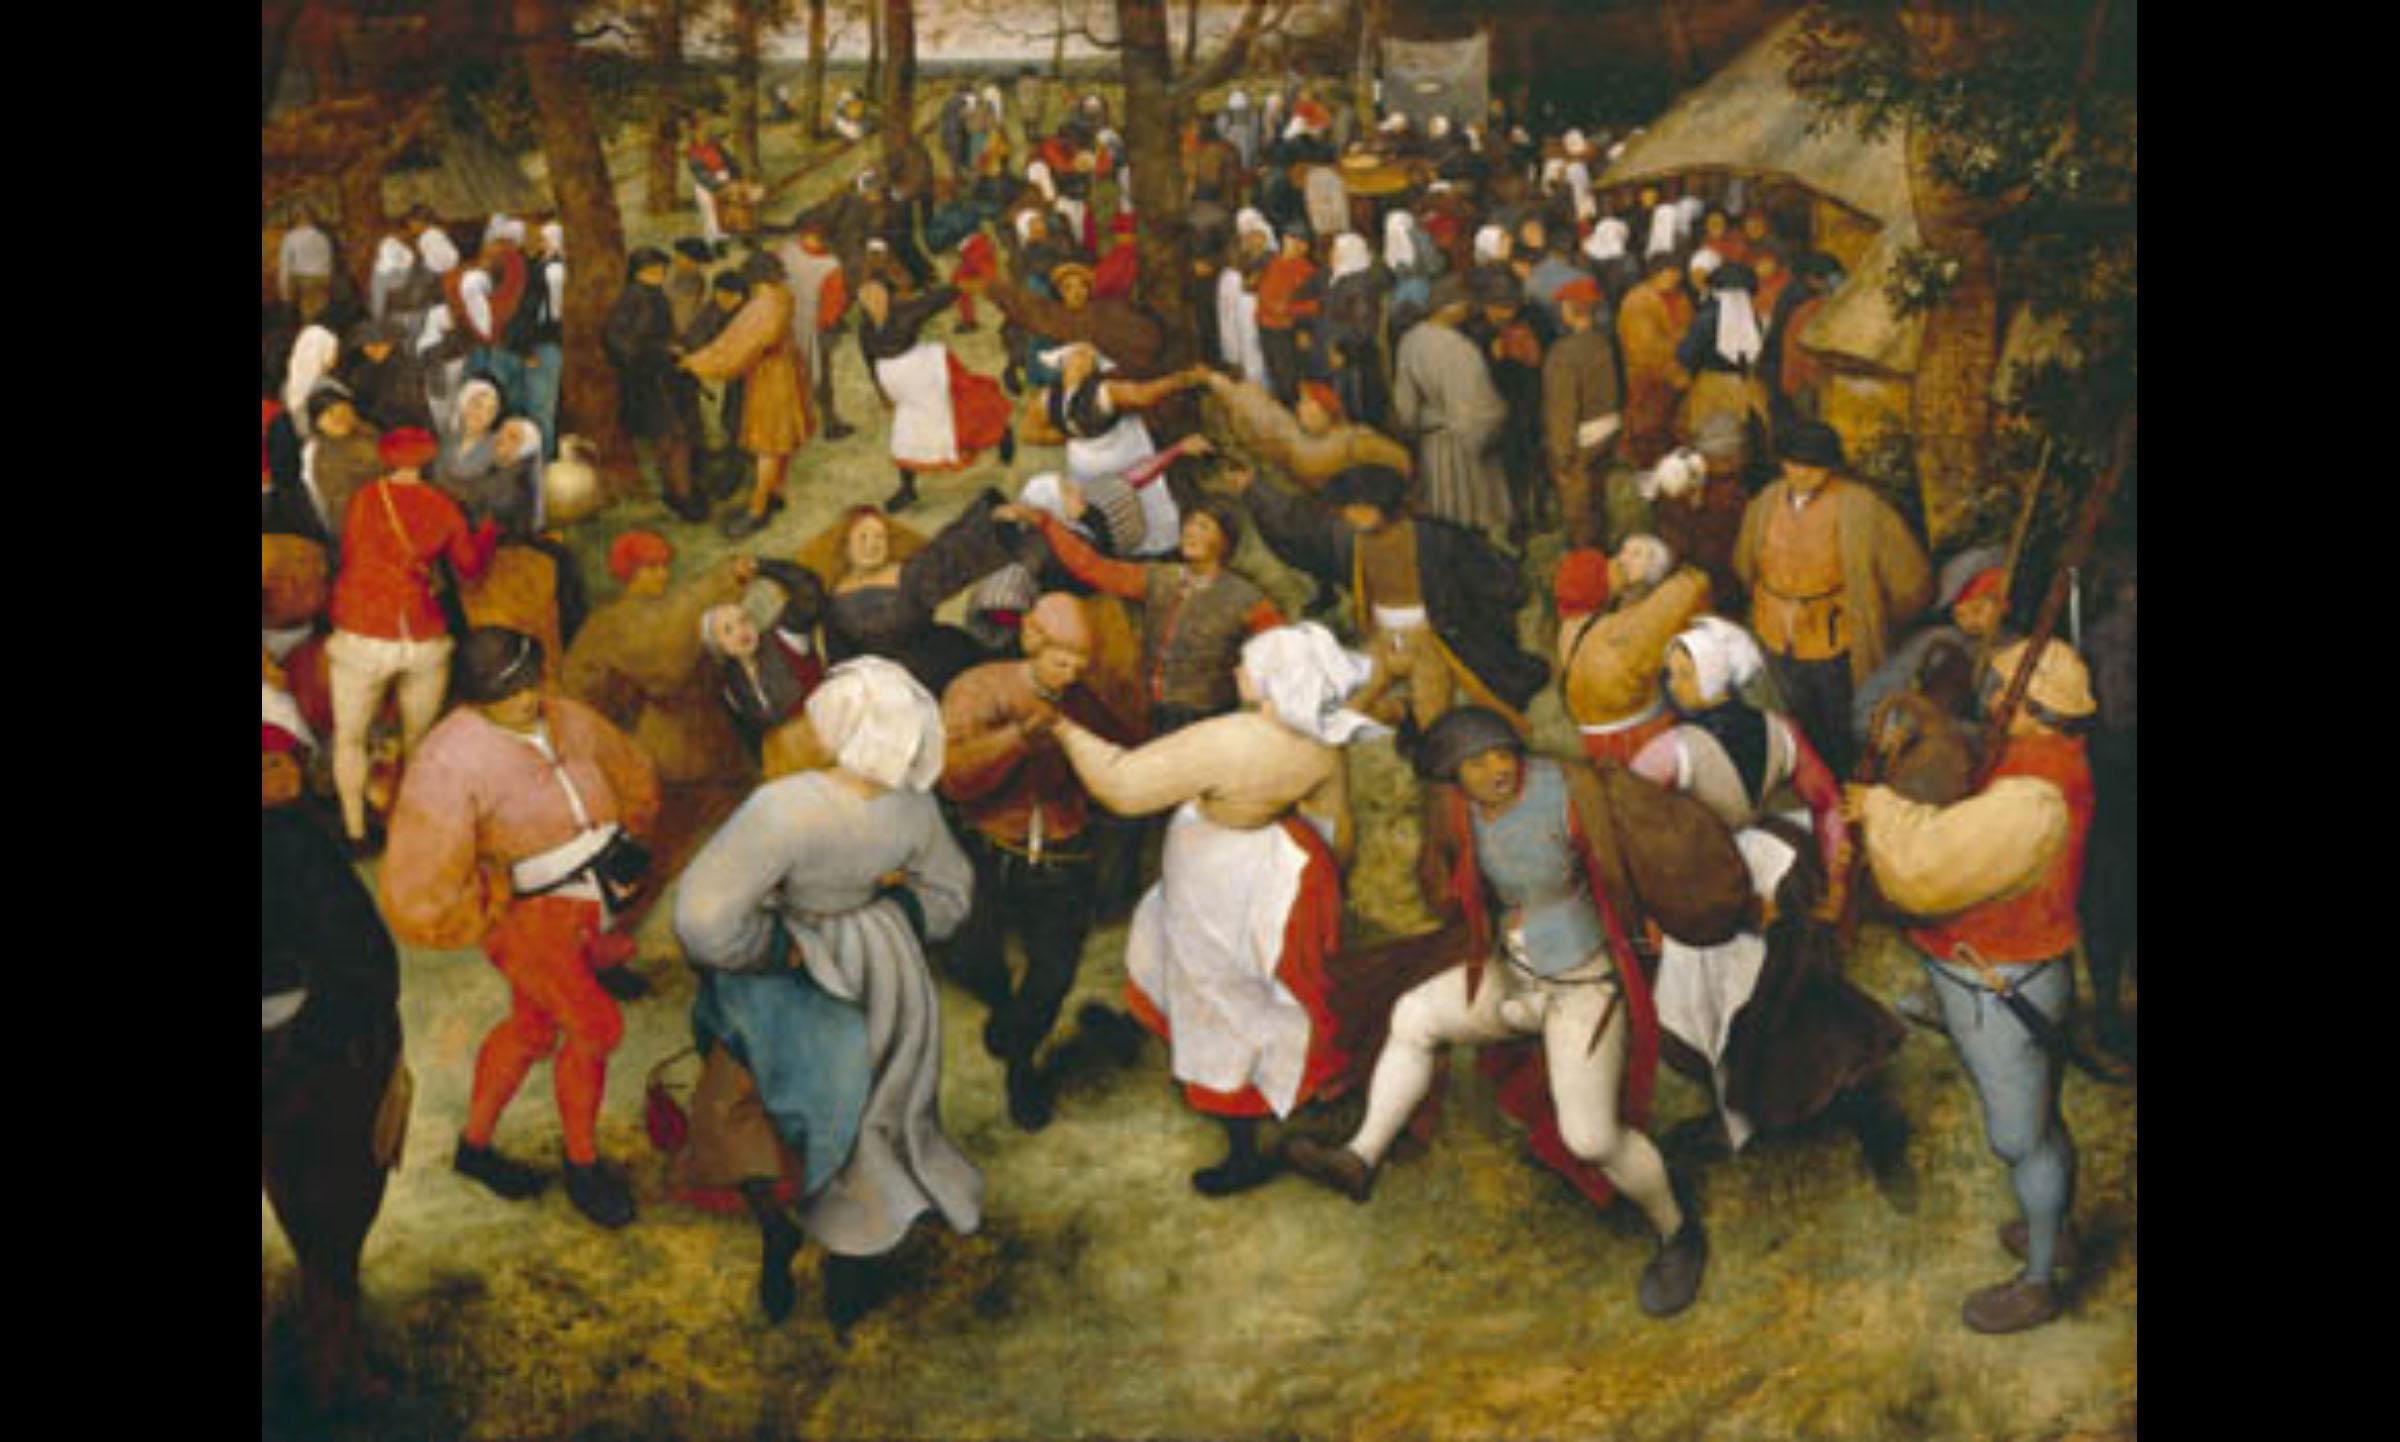 """""""The Wedding Dance"""" – Peasant dance in Netherlands (Pieter Bruegel the Elder, 1566)"""